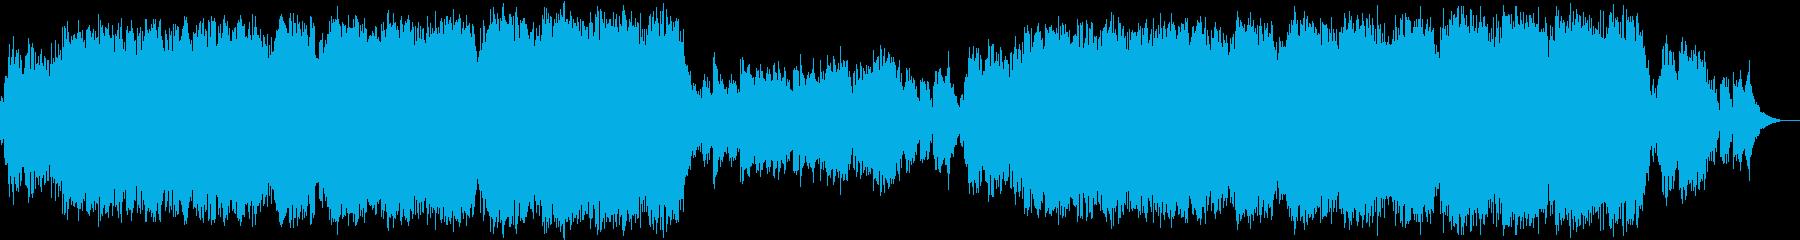 壮大で幻想的なエレクトロニカの再生済みの波形